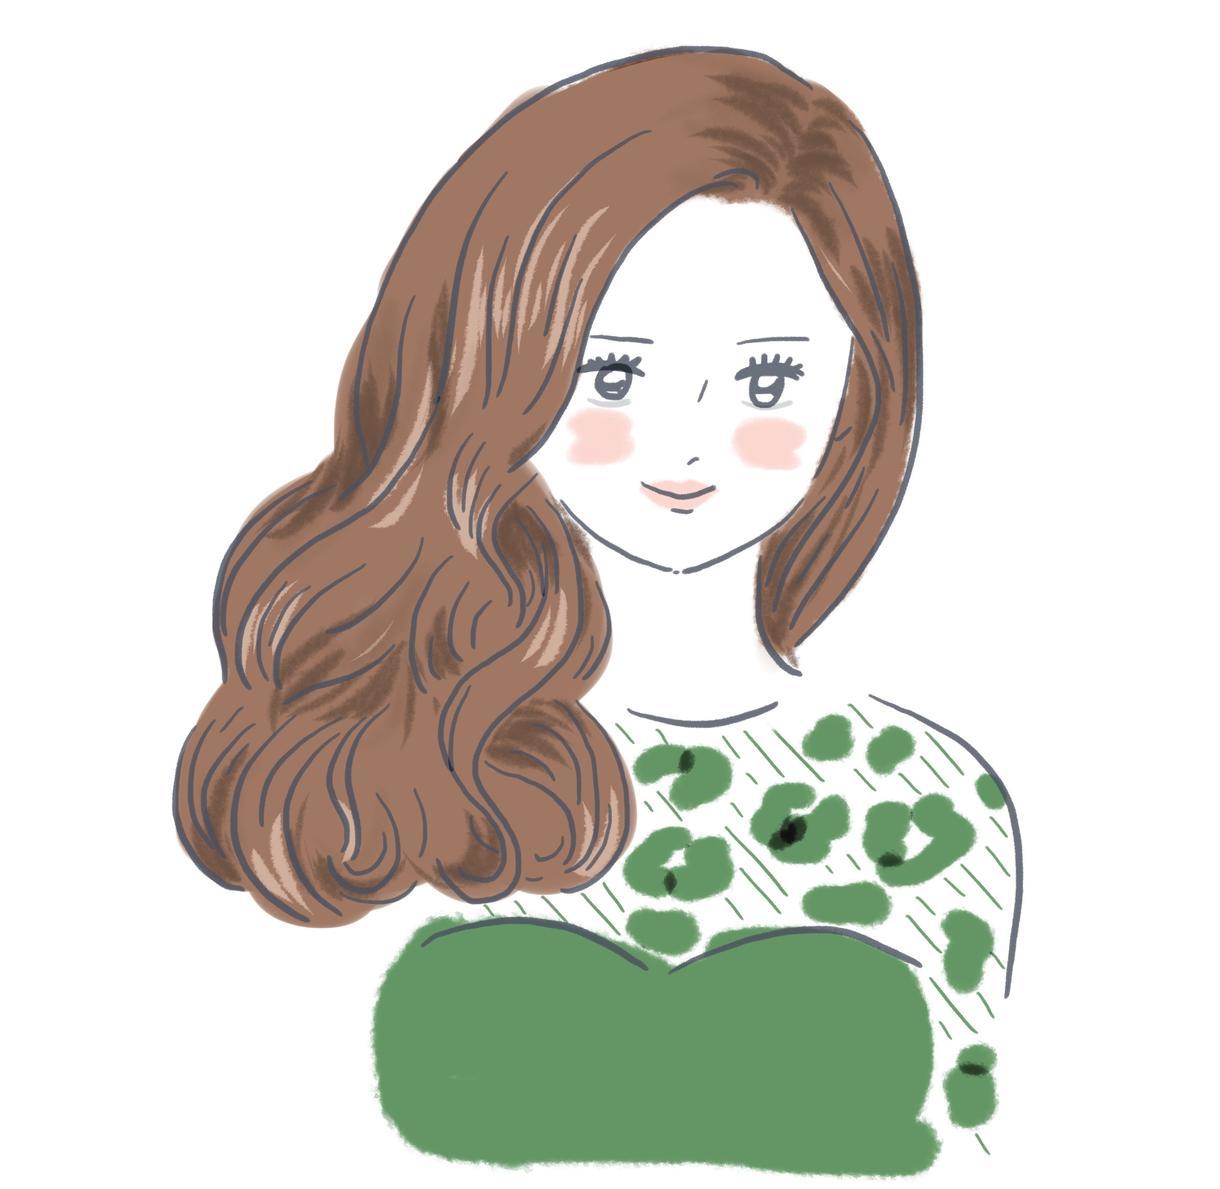 大人かわいいファッションイラストを描きます 雑誌で占いのイラストを描いたことがあります(^O^)